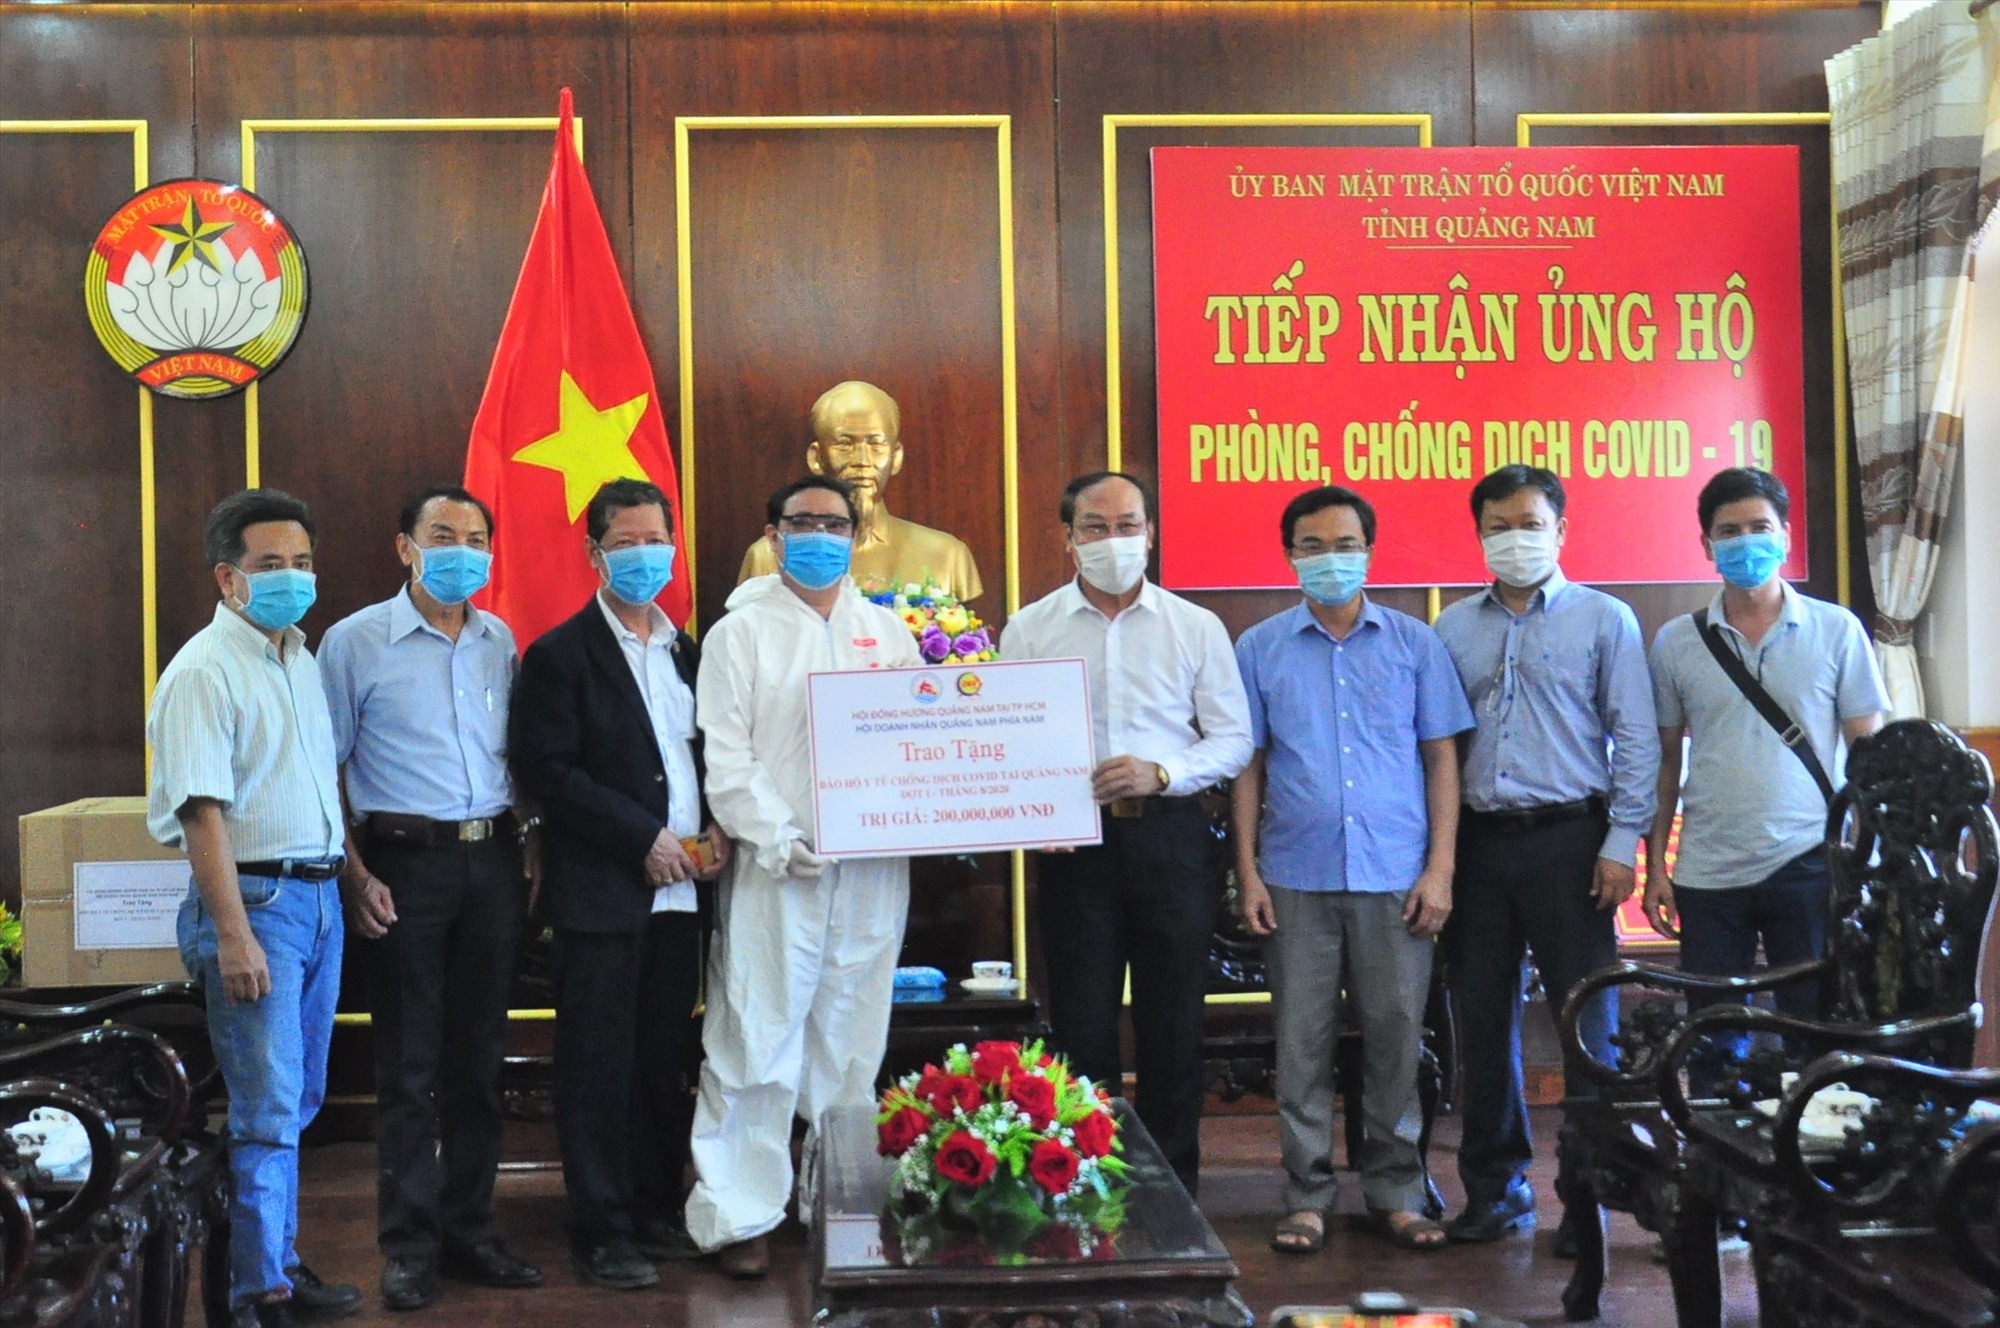 HĐH Quảng Nam tại TP.Hồ Chí Minh ủng hộ vật tư, khẩu trang y tế phòng chống dịch bệnh Covid-19 cho tỉnh Quảng Nam vào tháng 8.2020. Ảnh: VINH ANH